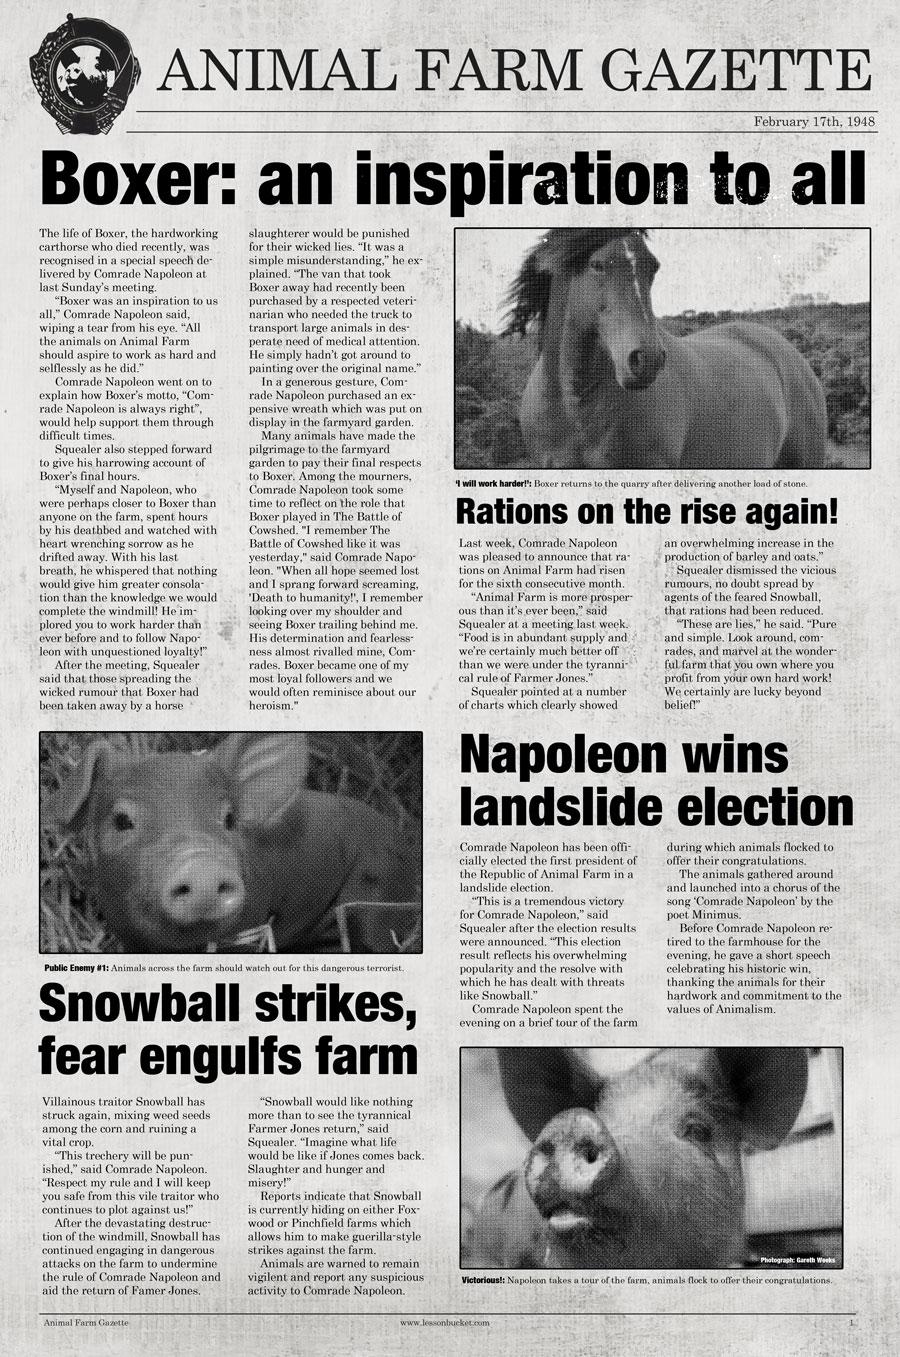 Newspaper Article Quotes. QuotesGram